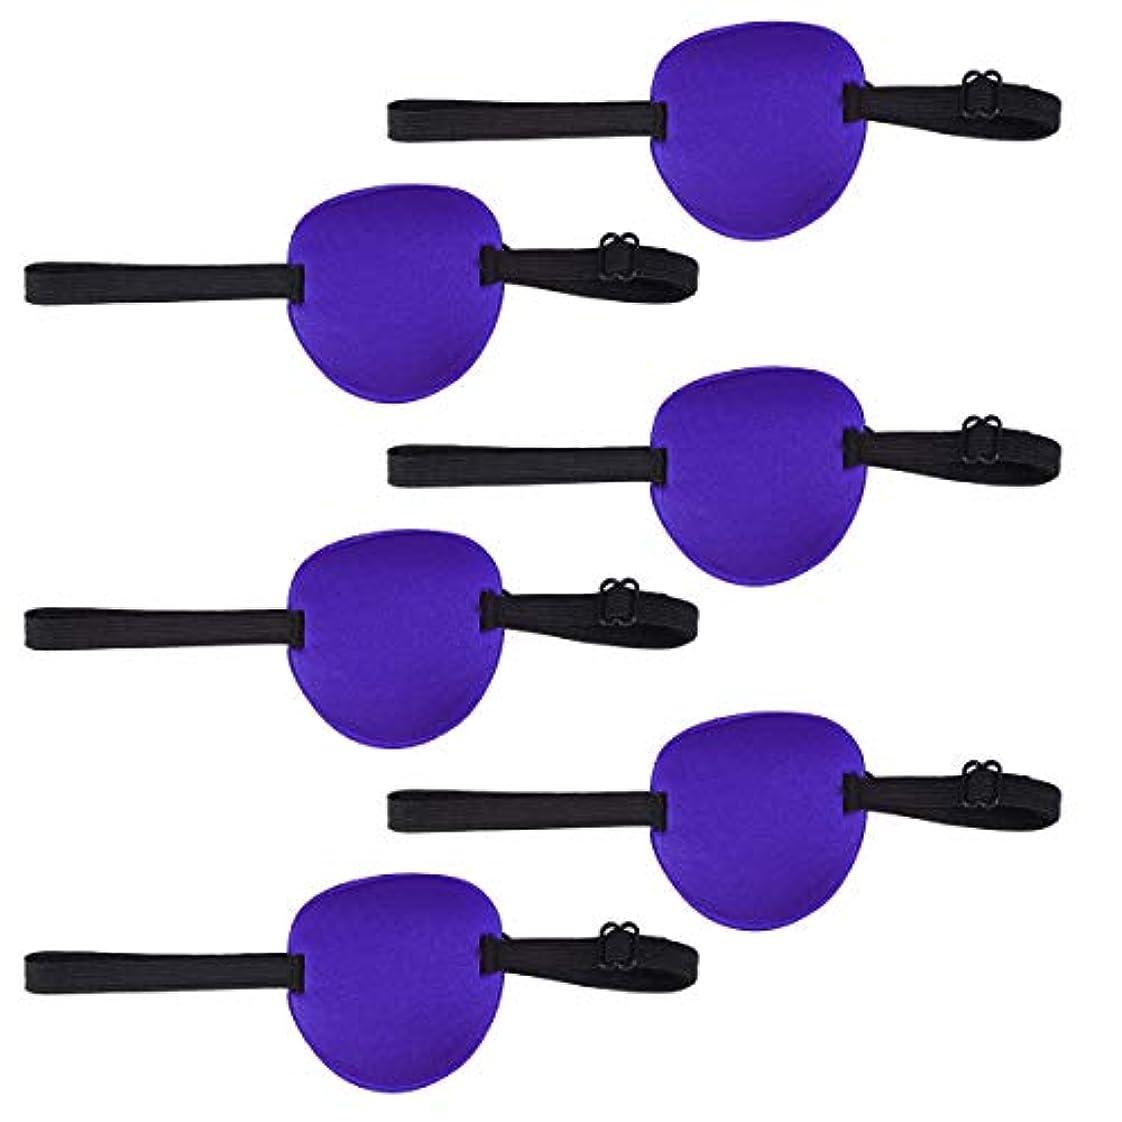 わかりやすいラオス人失望させるHealifty 弱視の目のパッチ大人と子供のための調節可能な弾性バックル付き6個の片目スポンジアイパッチ(ブルー)